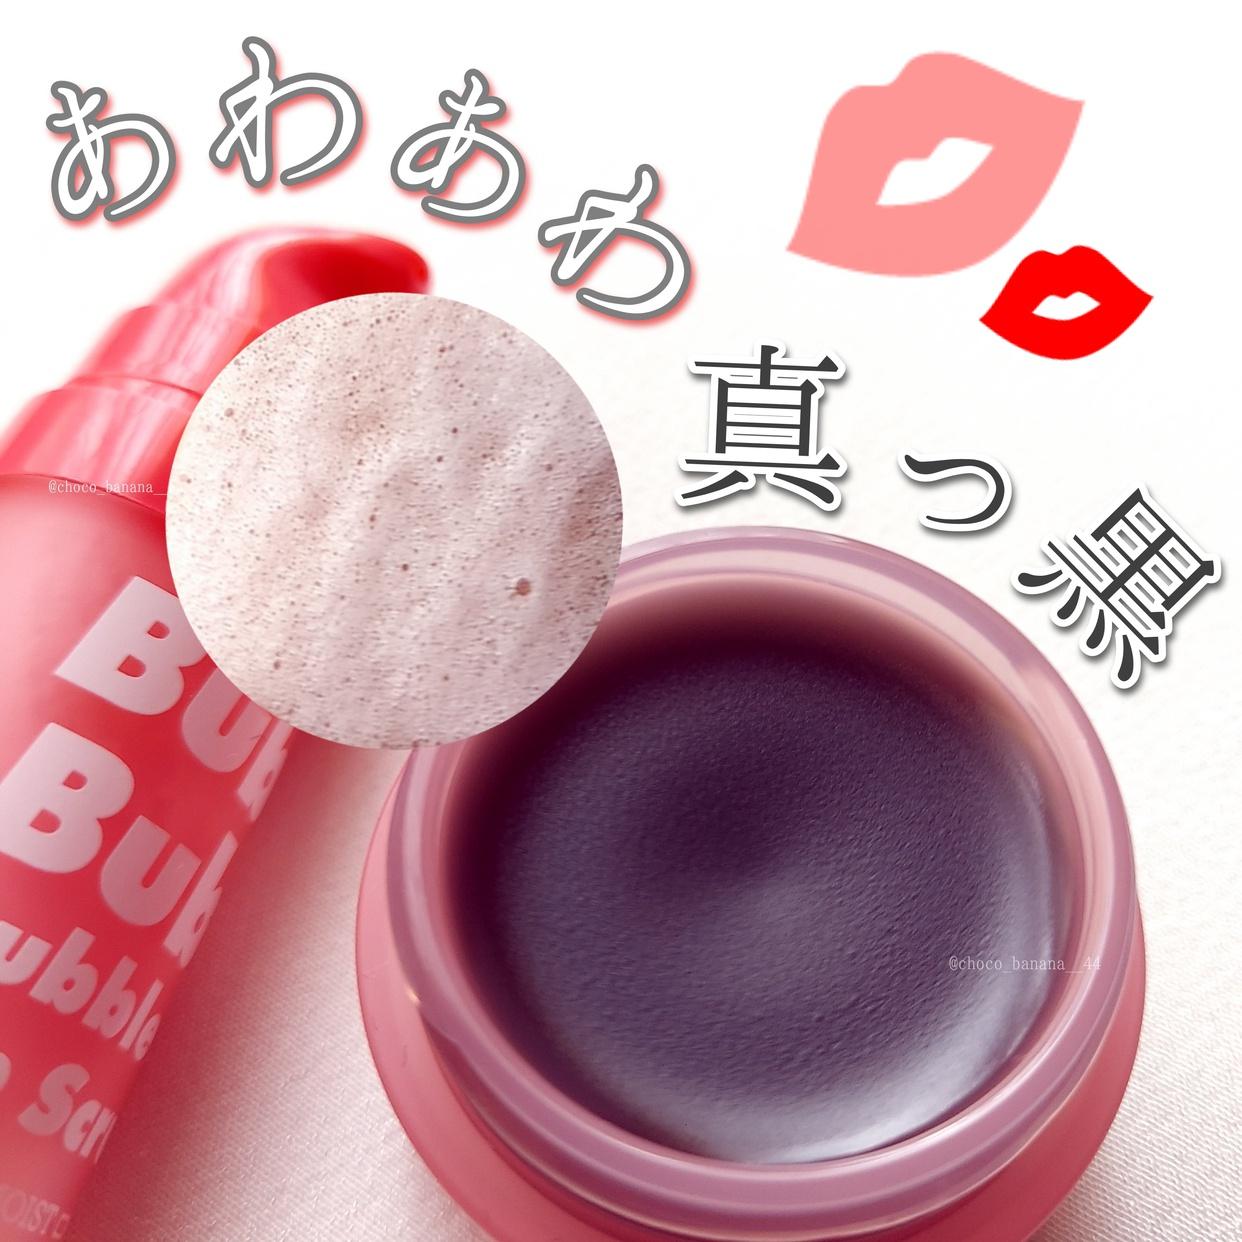 unpa.Cosmetics(オンパコスメティック) ブビブビリップ スクラブを使ったししさんのクチコミ画像1